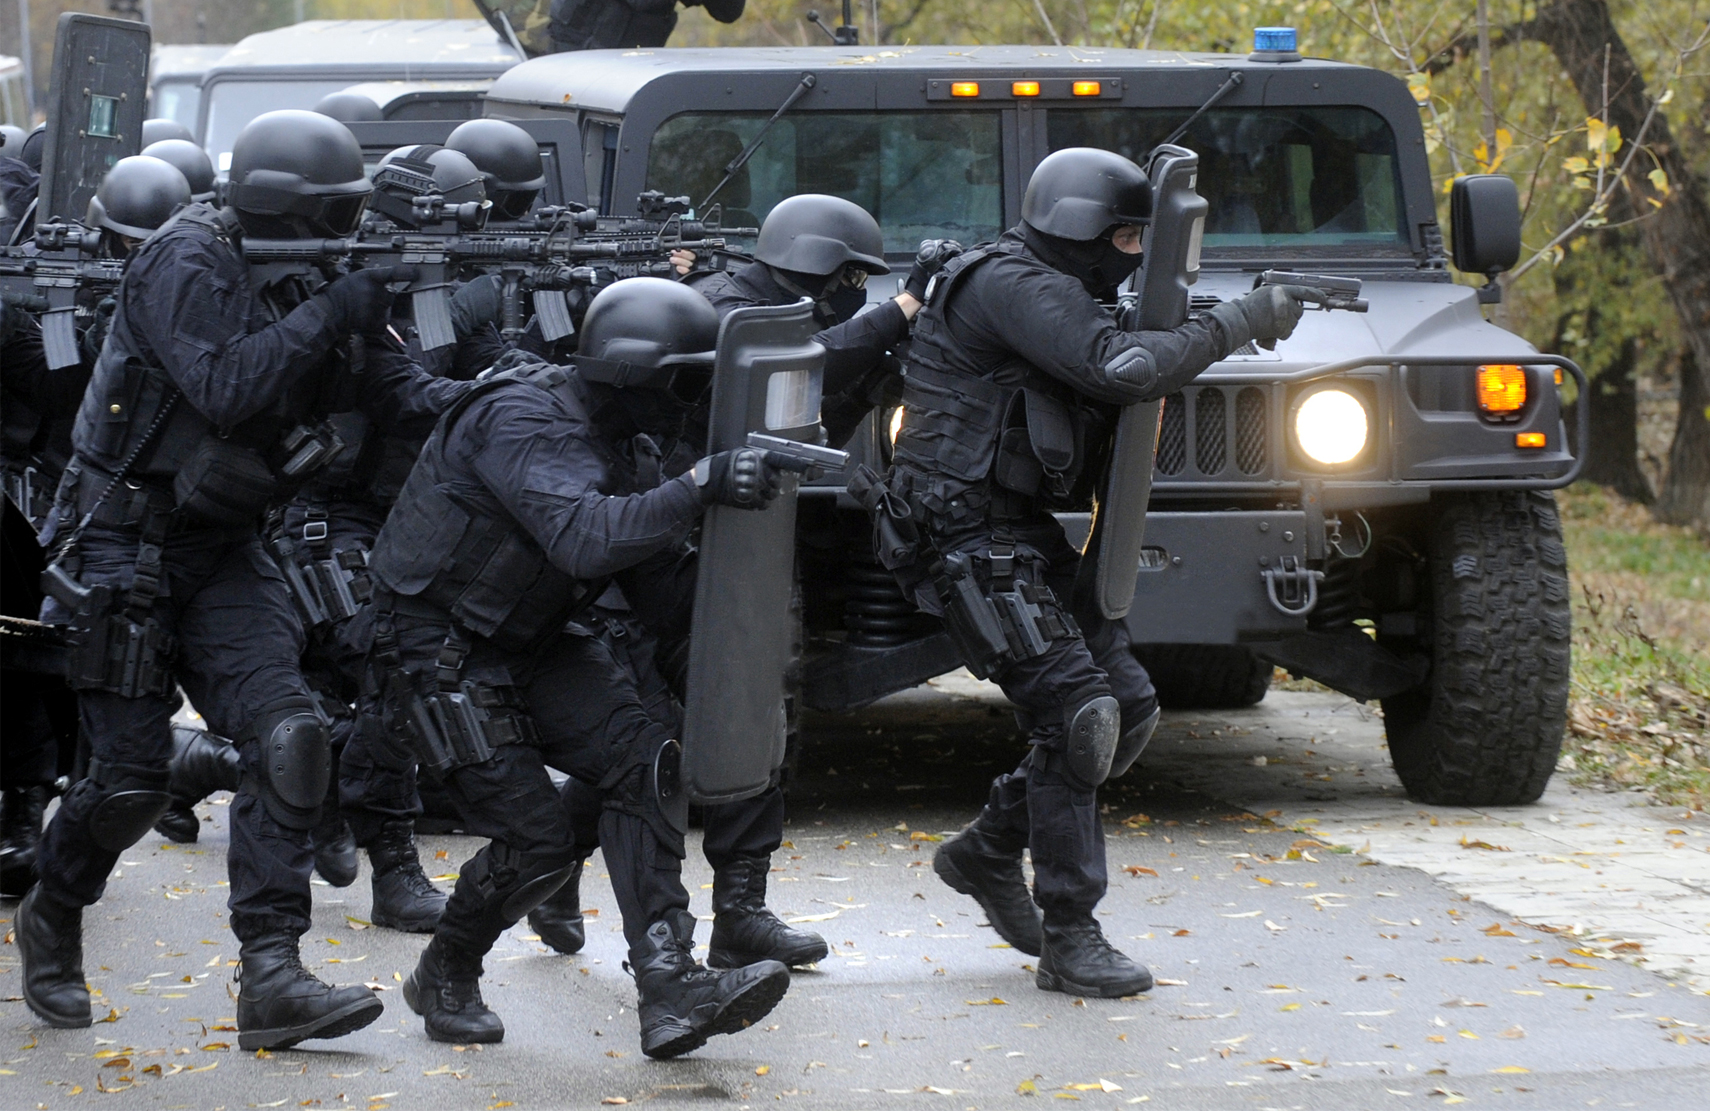 Operatorzy sił specjalnych podczas akcji